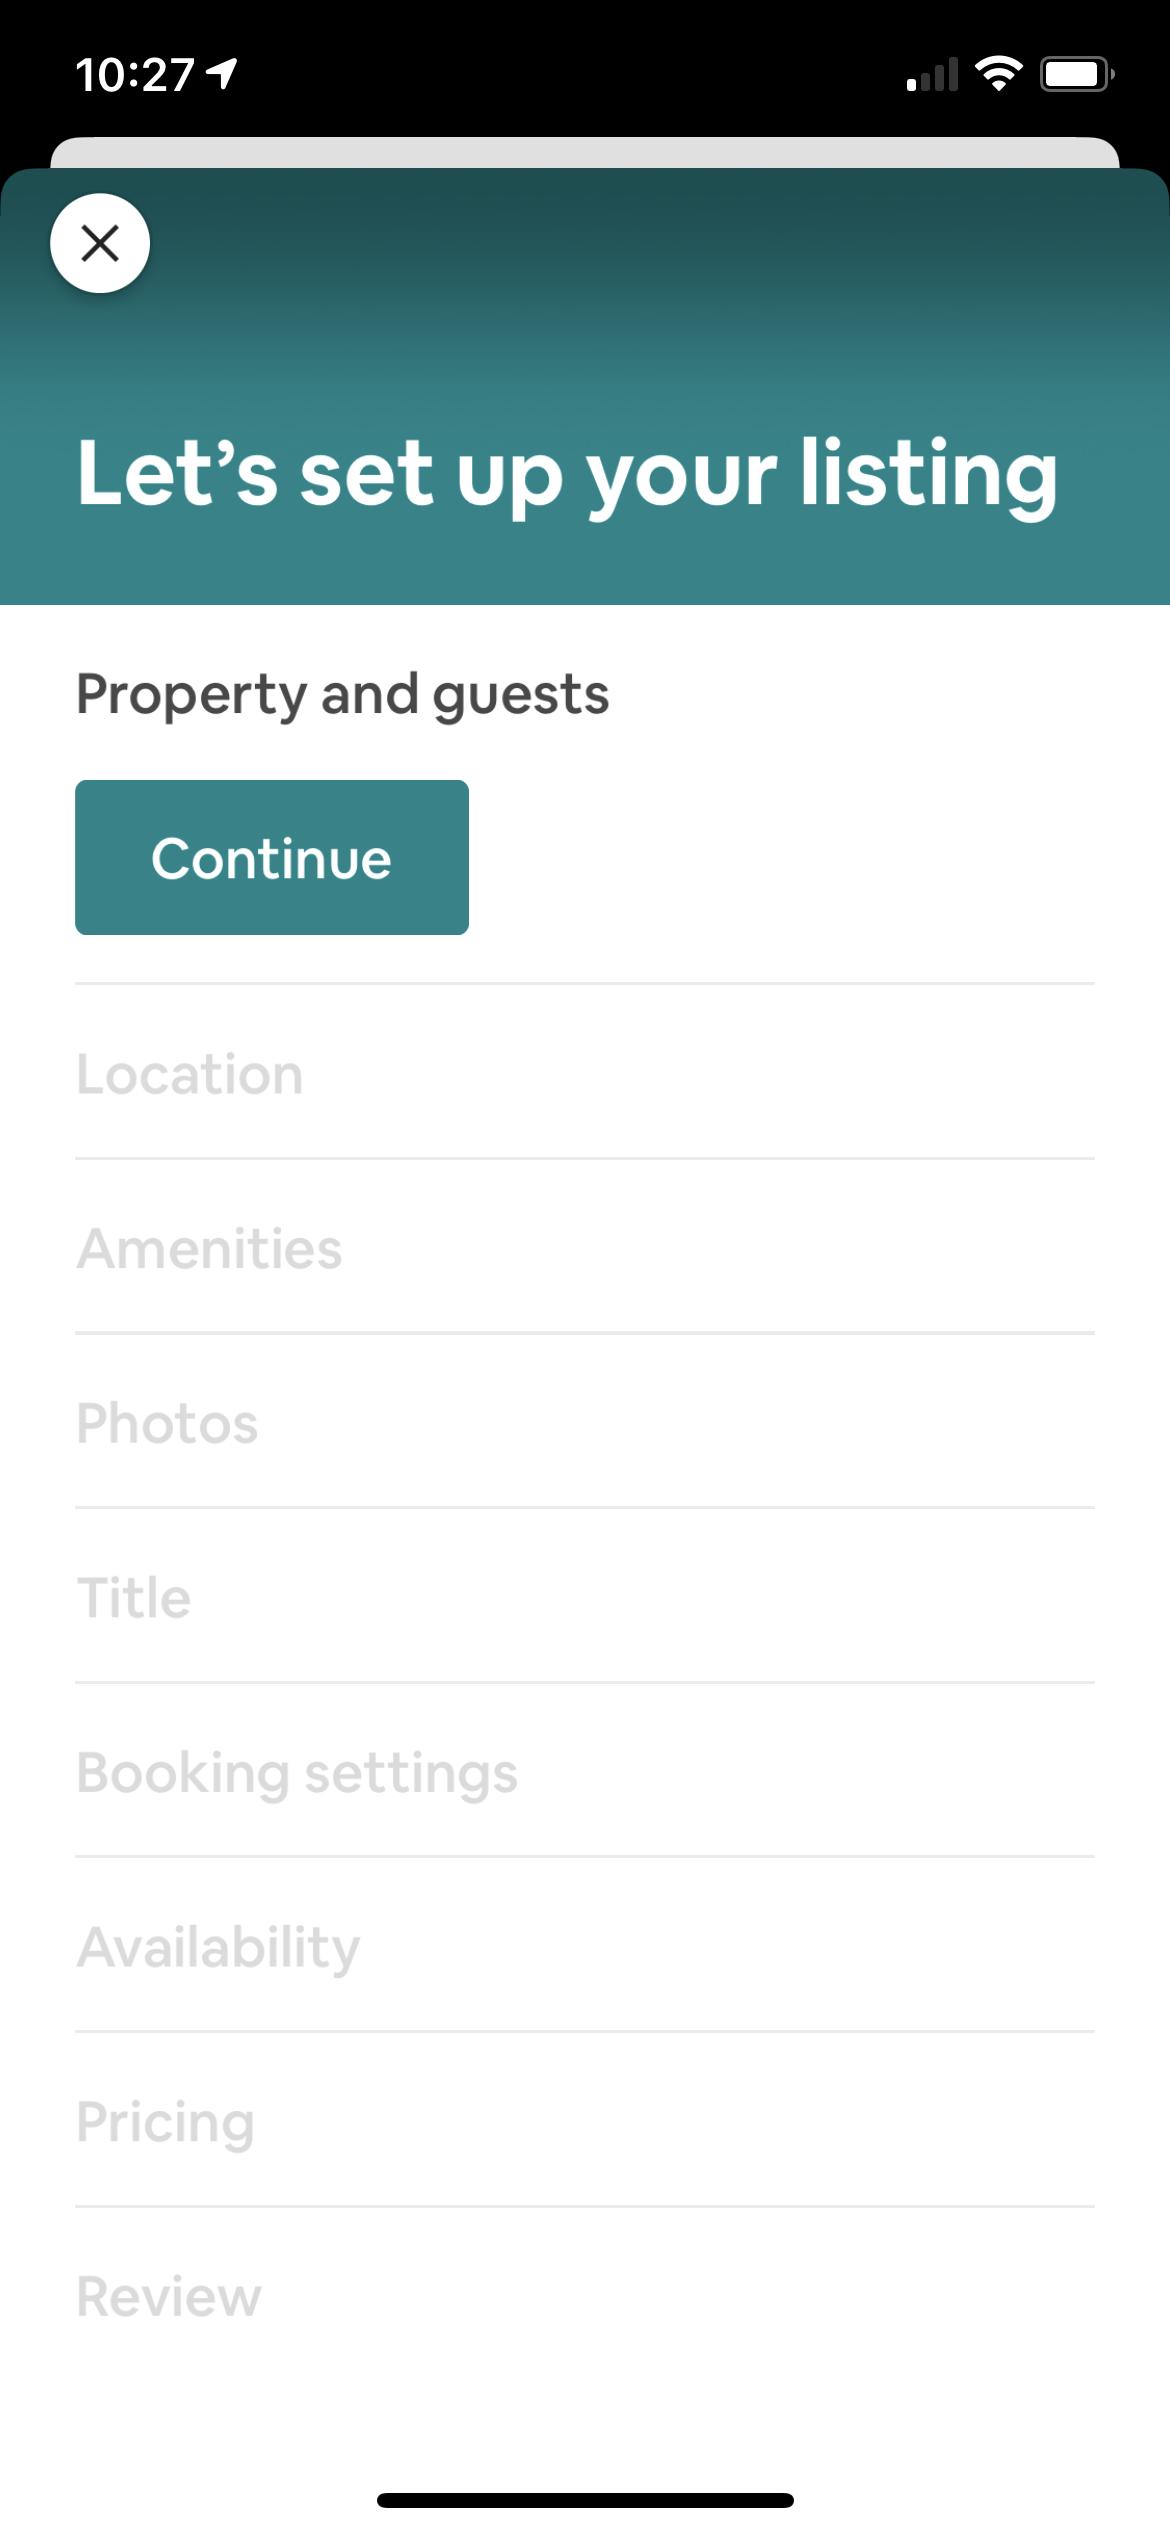 Create an Airbnb Listing